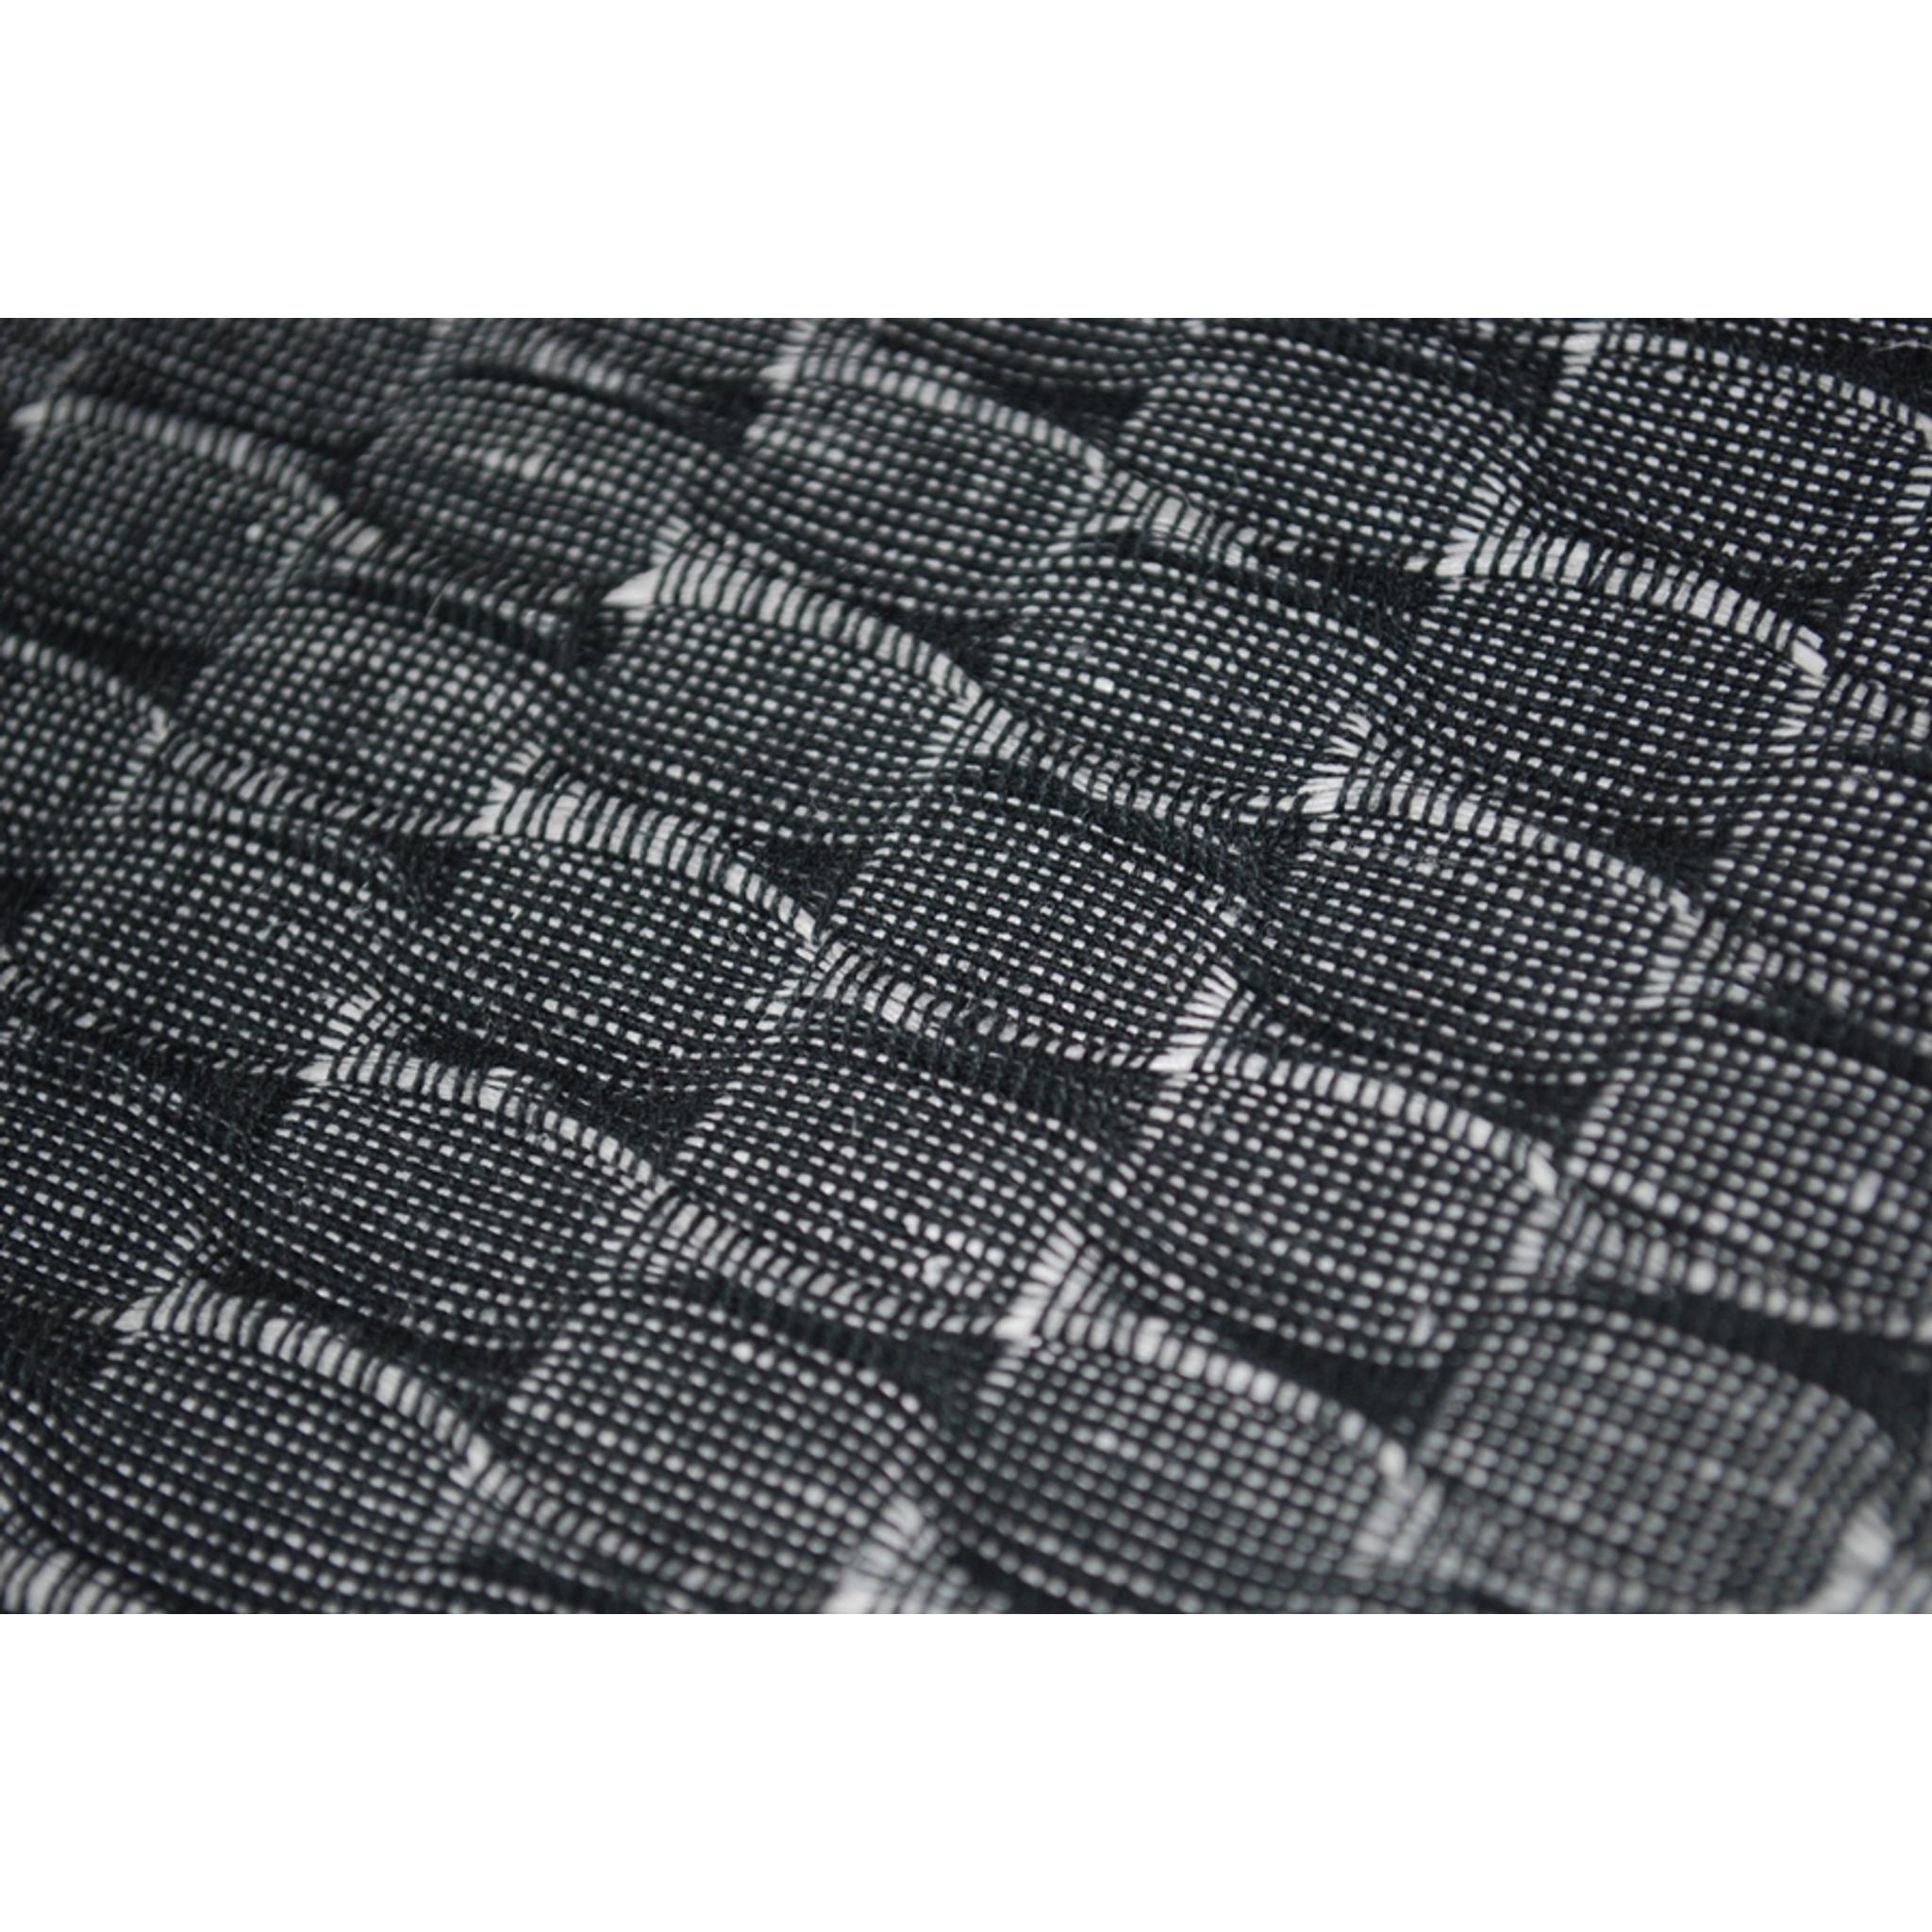 aufbewahrungskorb brotkorb aus stoff in grau. Black Bedroom Furniture Sets. Home Design Ideas